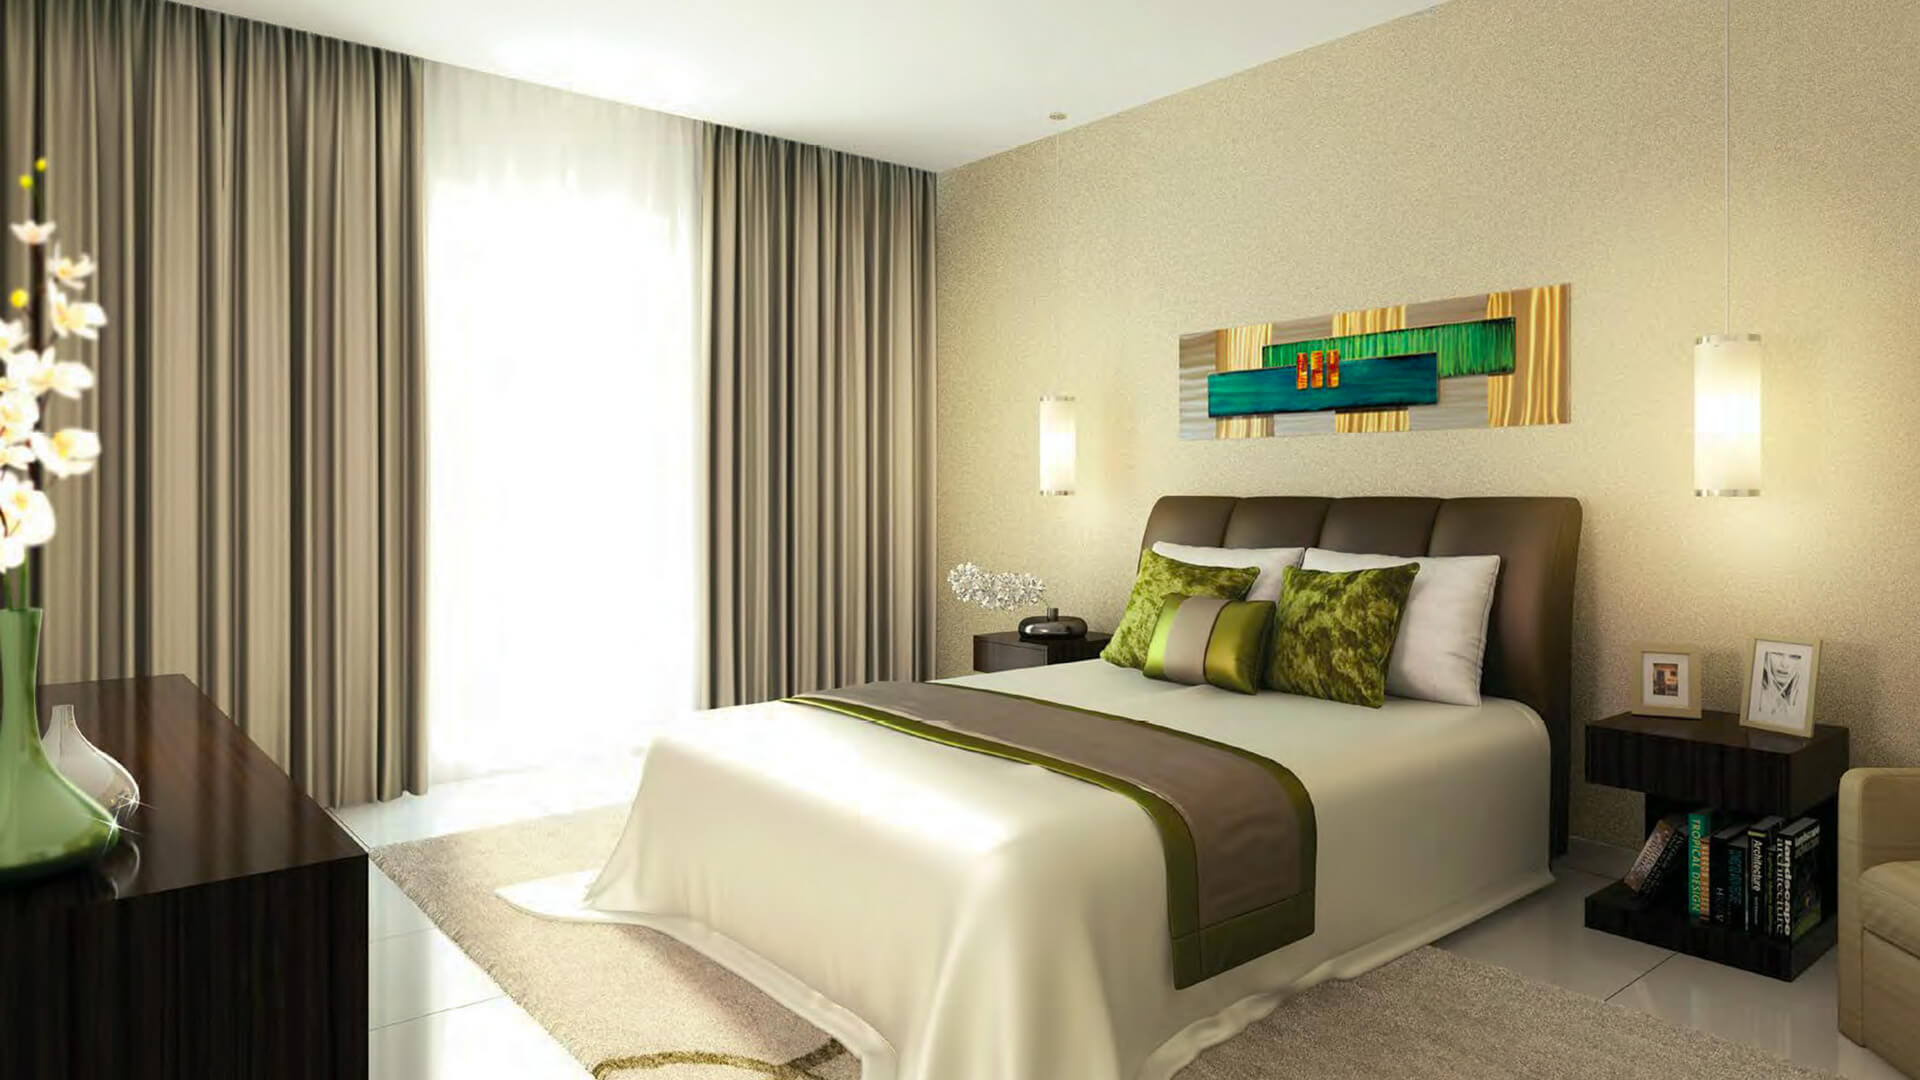 Apartamento en venta en Dubai, EAU, 3 dormitorios, 166 m2, № 24649 – foto 1